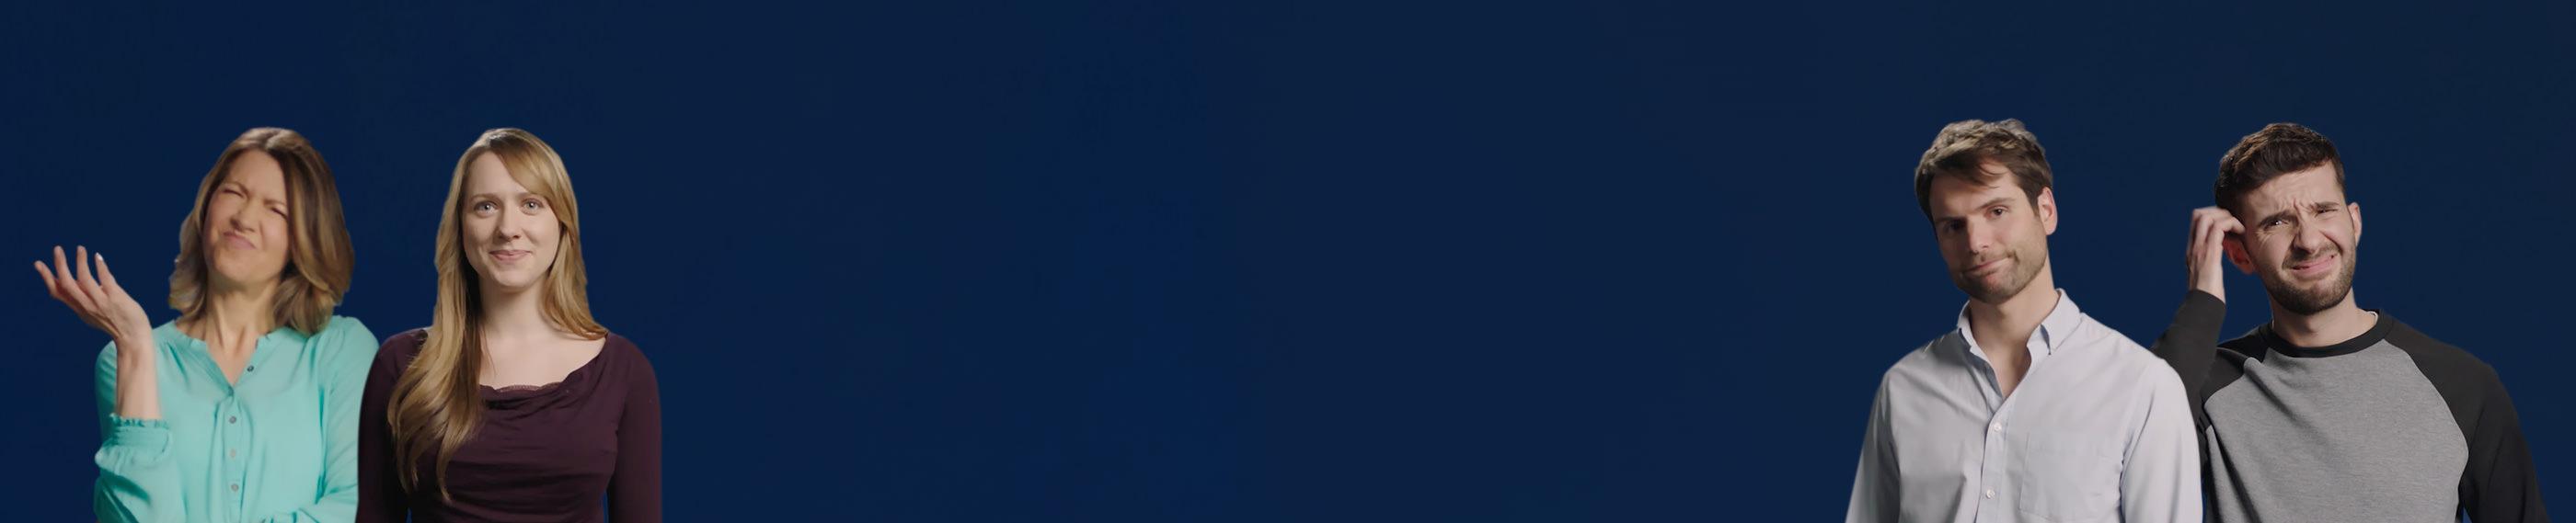 Un fondo azul con una selección de personas que se ven confundidas o preocupadas por probar lentillas.